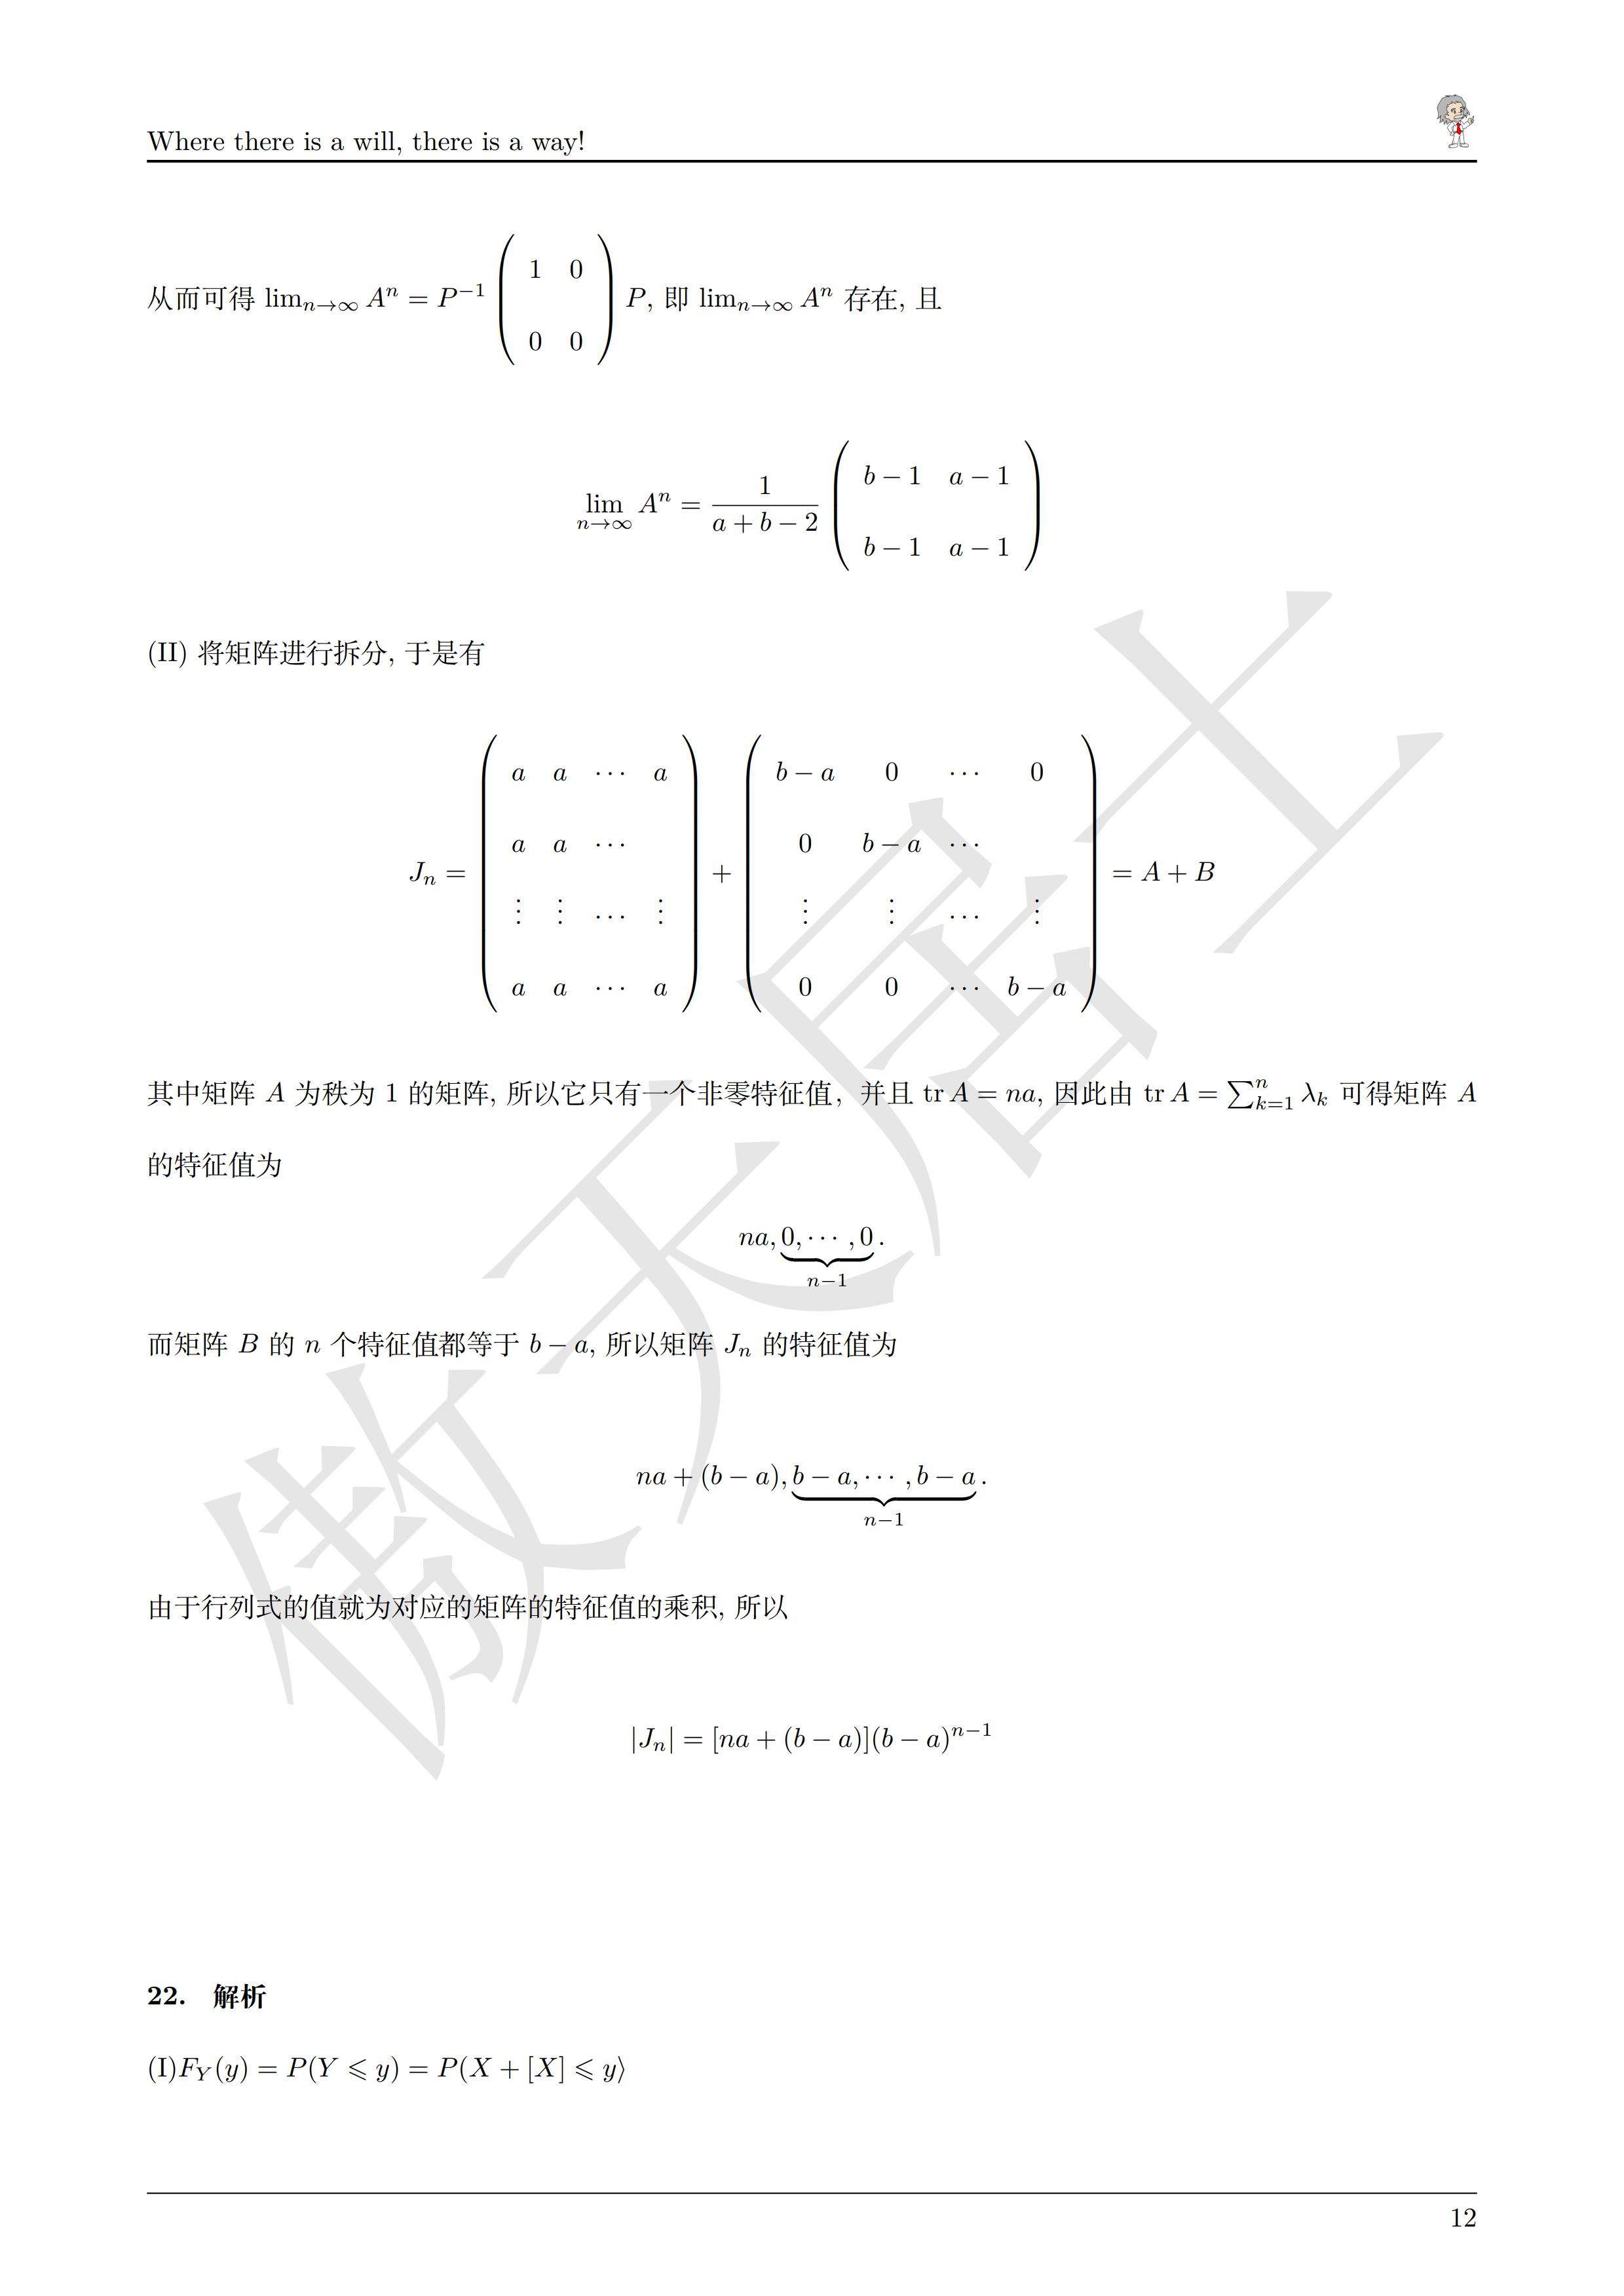 2022 年全国硕士研究生招生考试-数学(三)预测卷 (一) 参考答案及解析